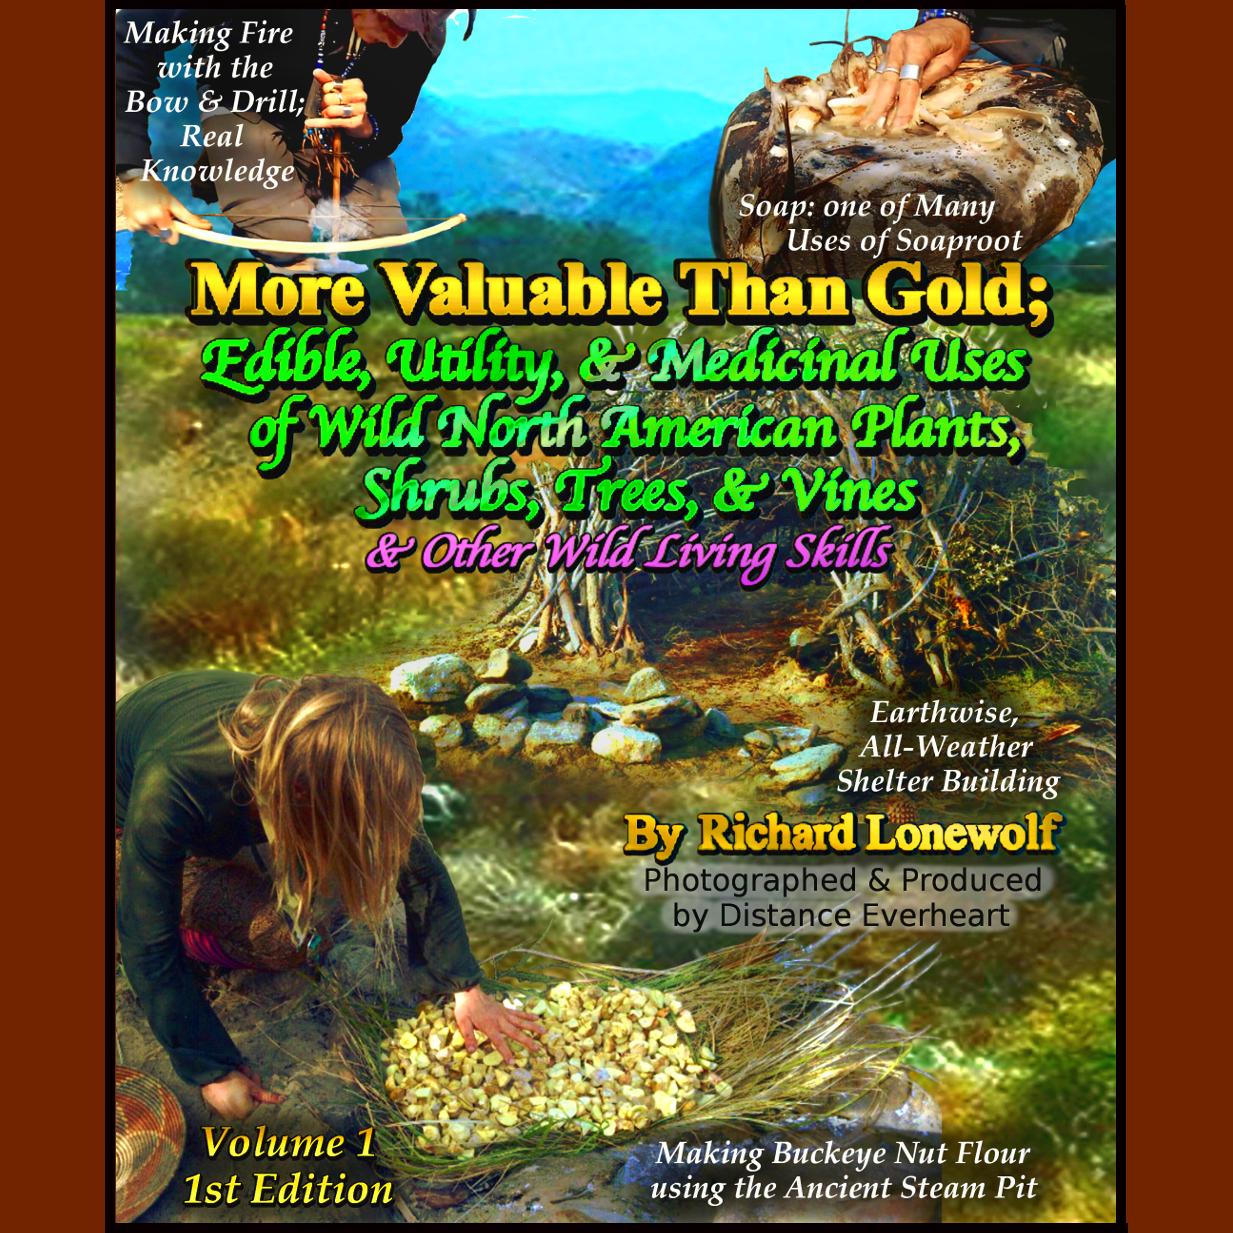 Latest Book Cover ad